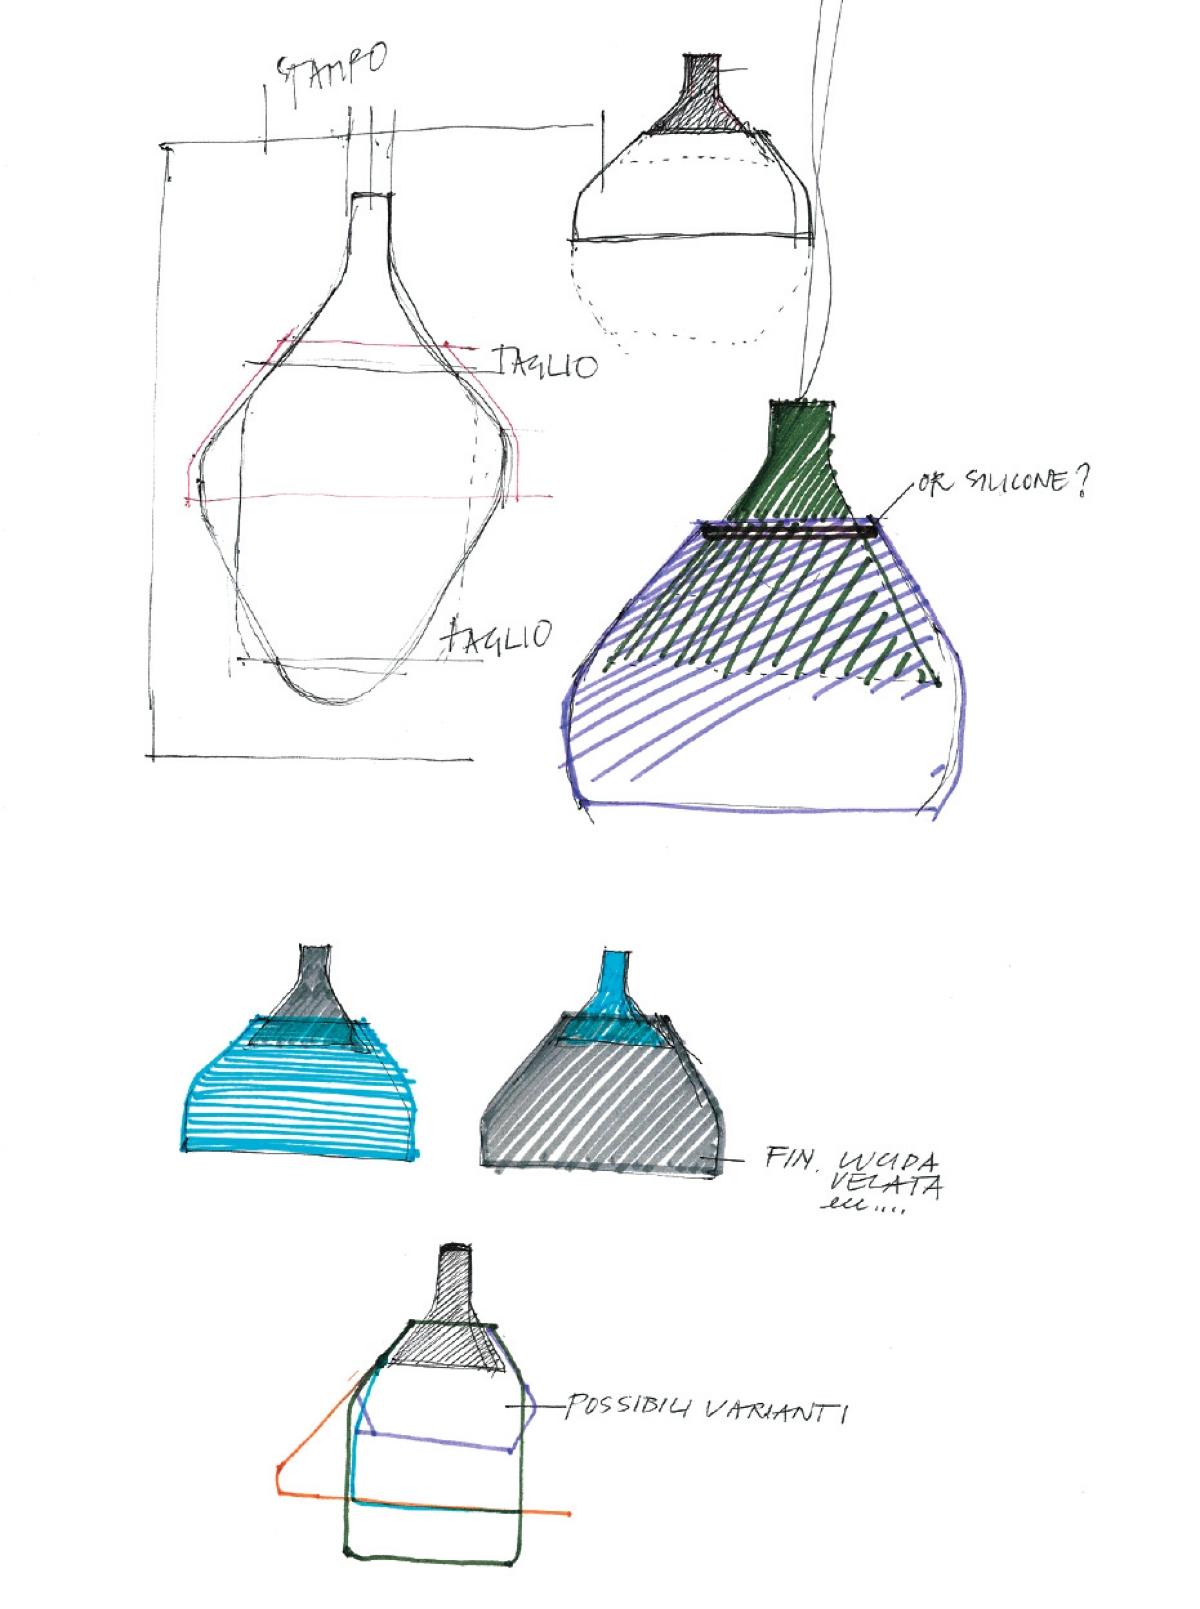 CAIIGO lanp Sispansyon sketch_3